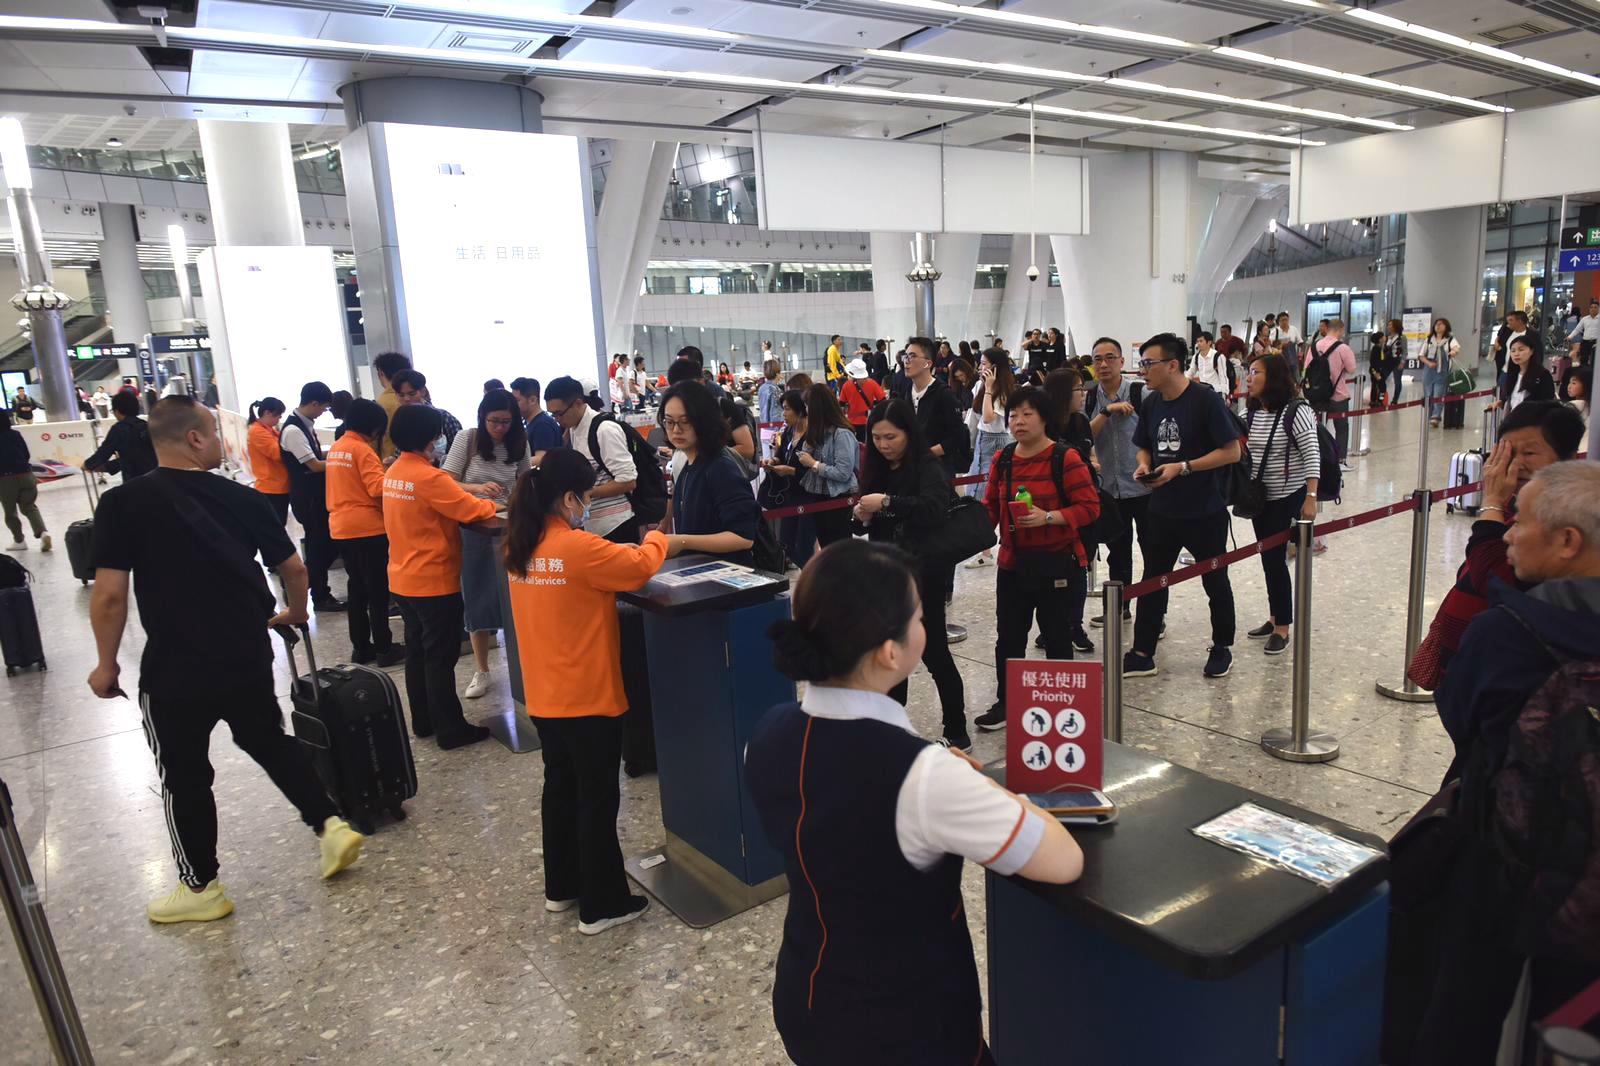 西九龍站旅客明顯增多。